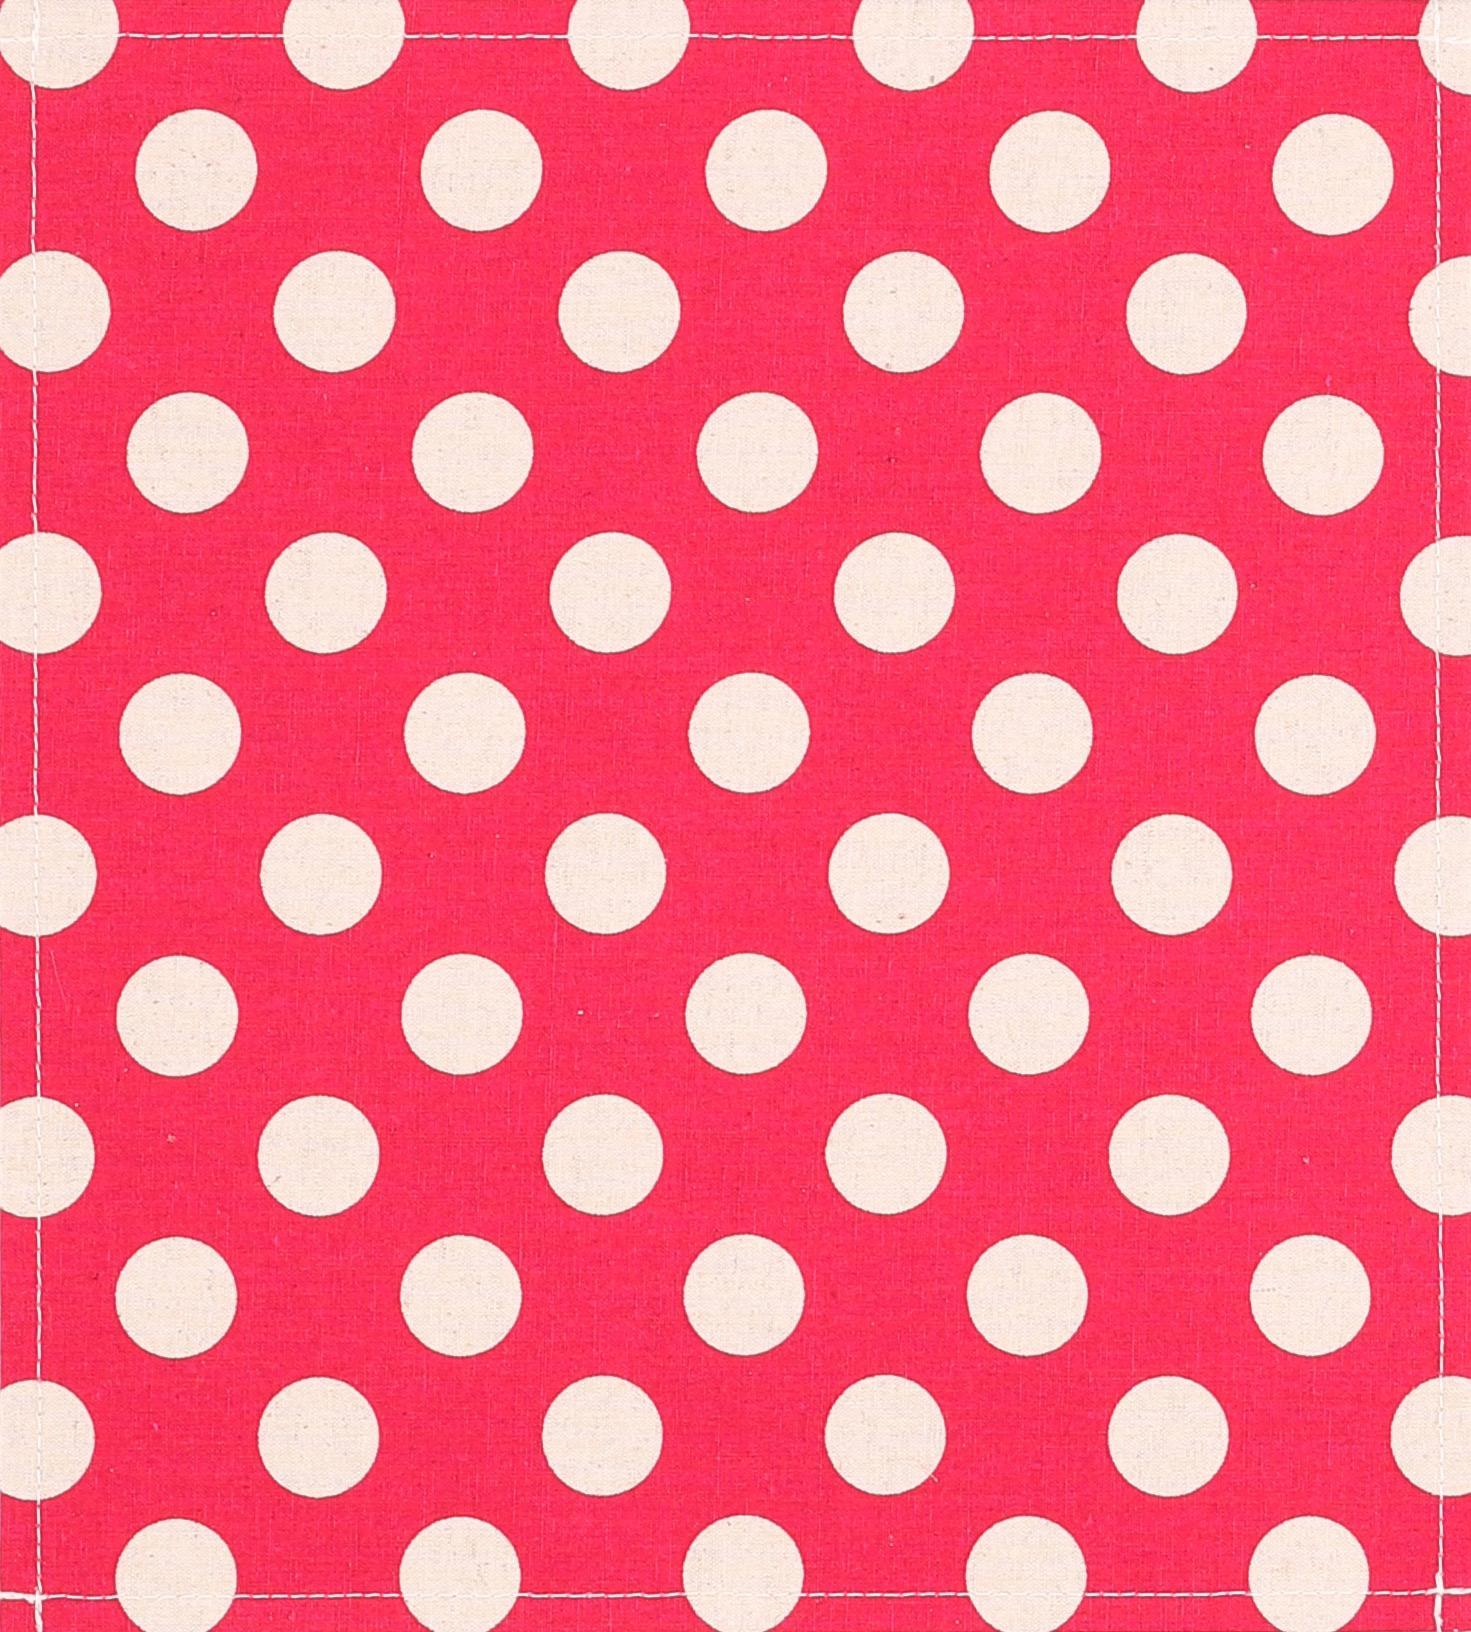 Dots (mittel)